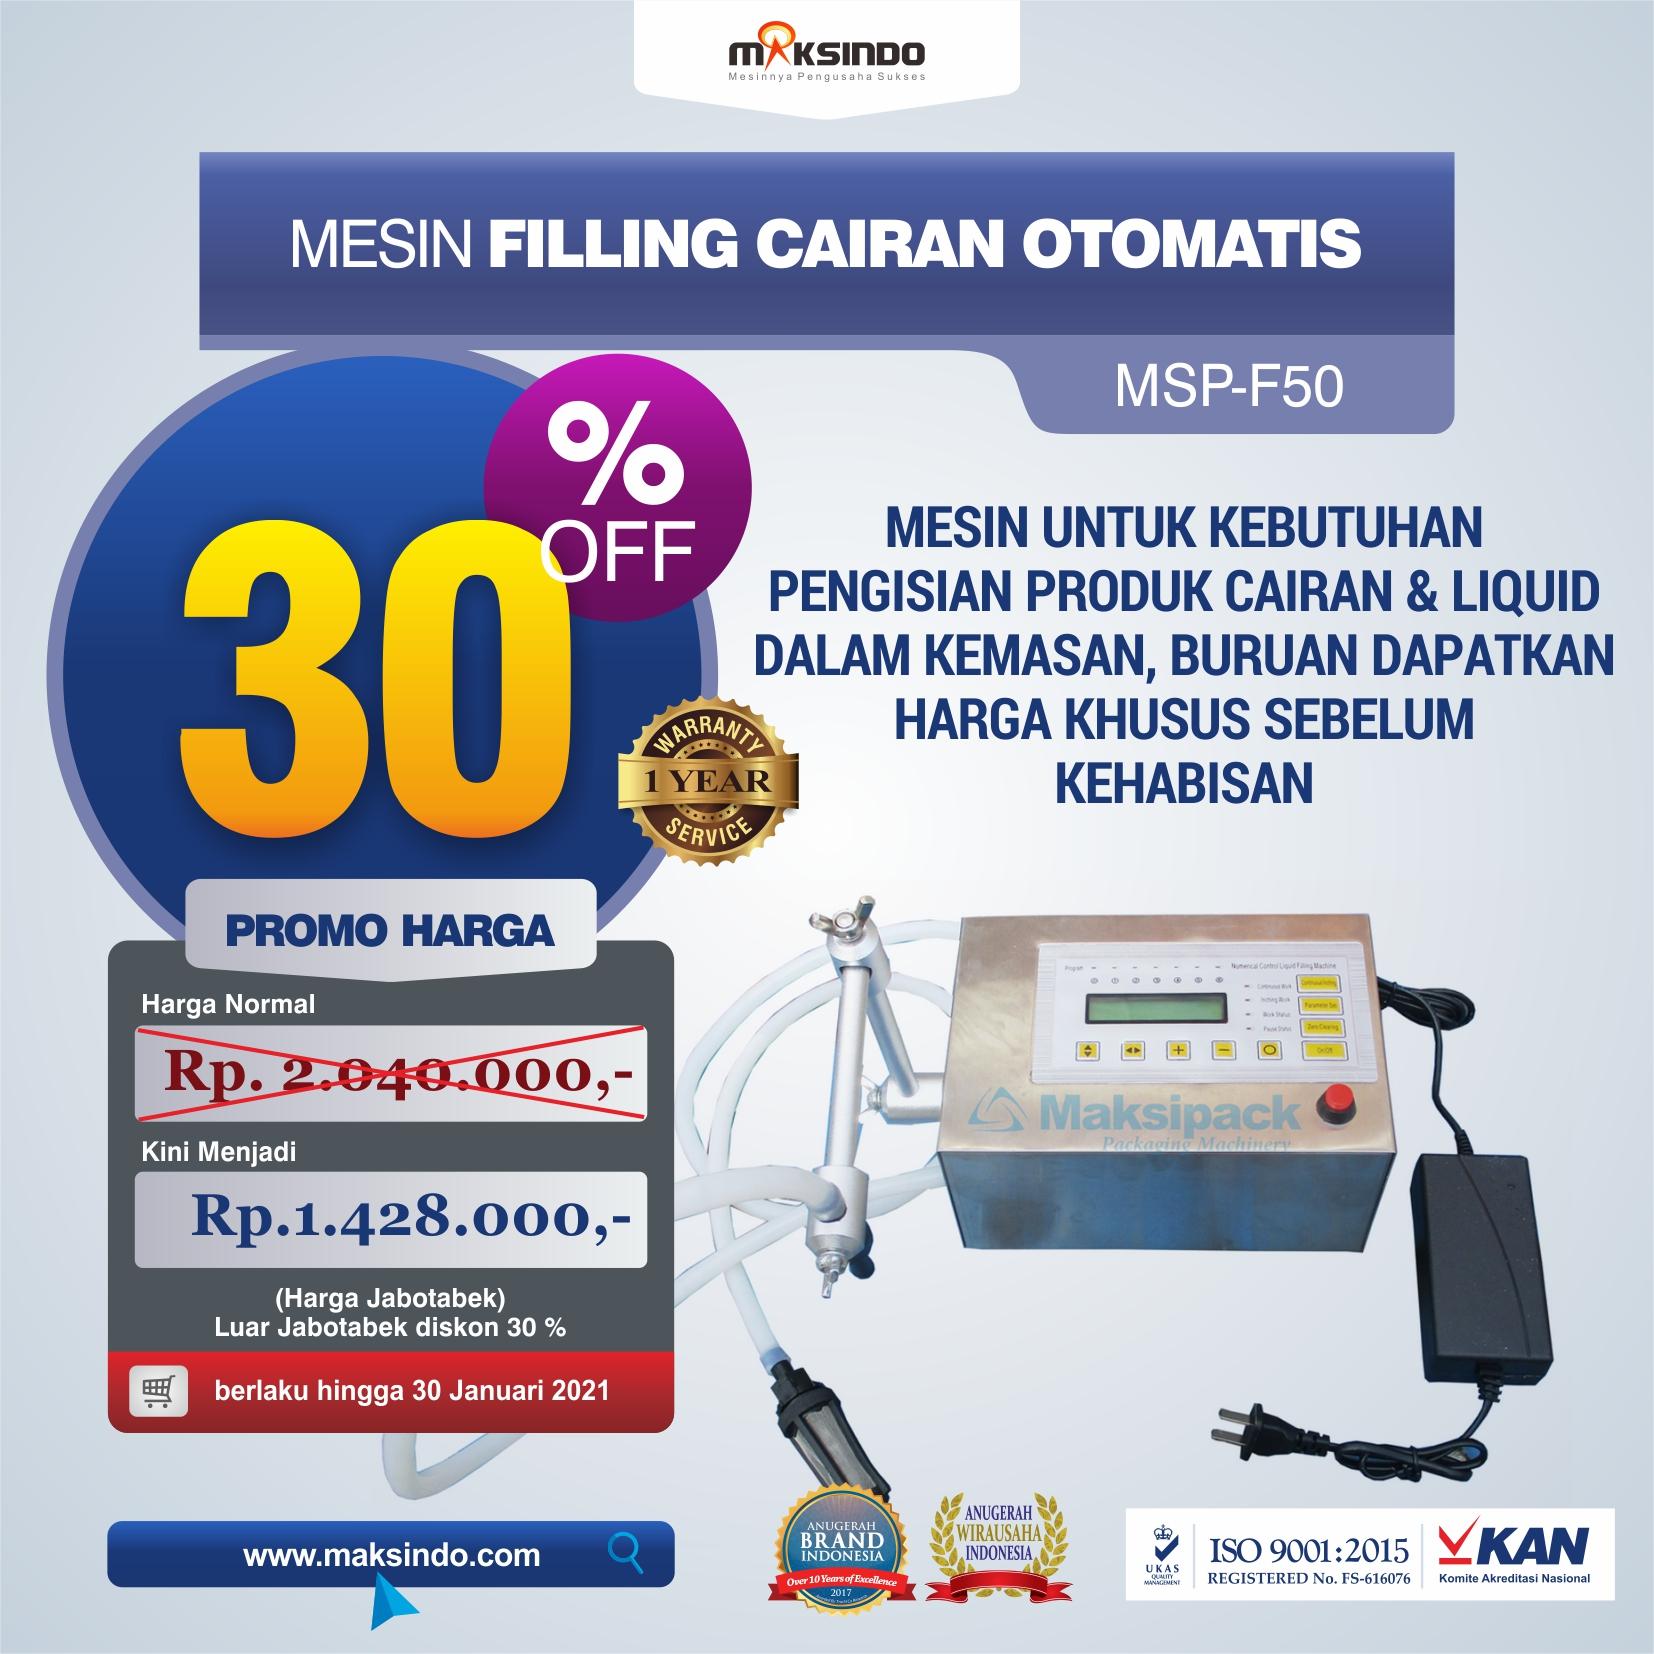 Jual Mesin Filling Cairan Otomatis MSP-F50 di Tangerang